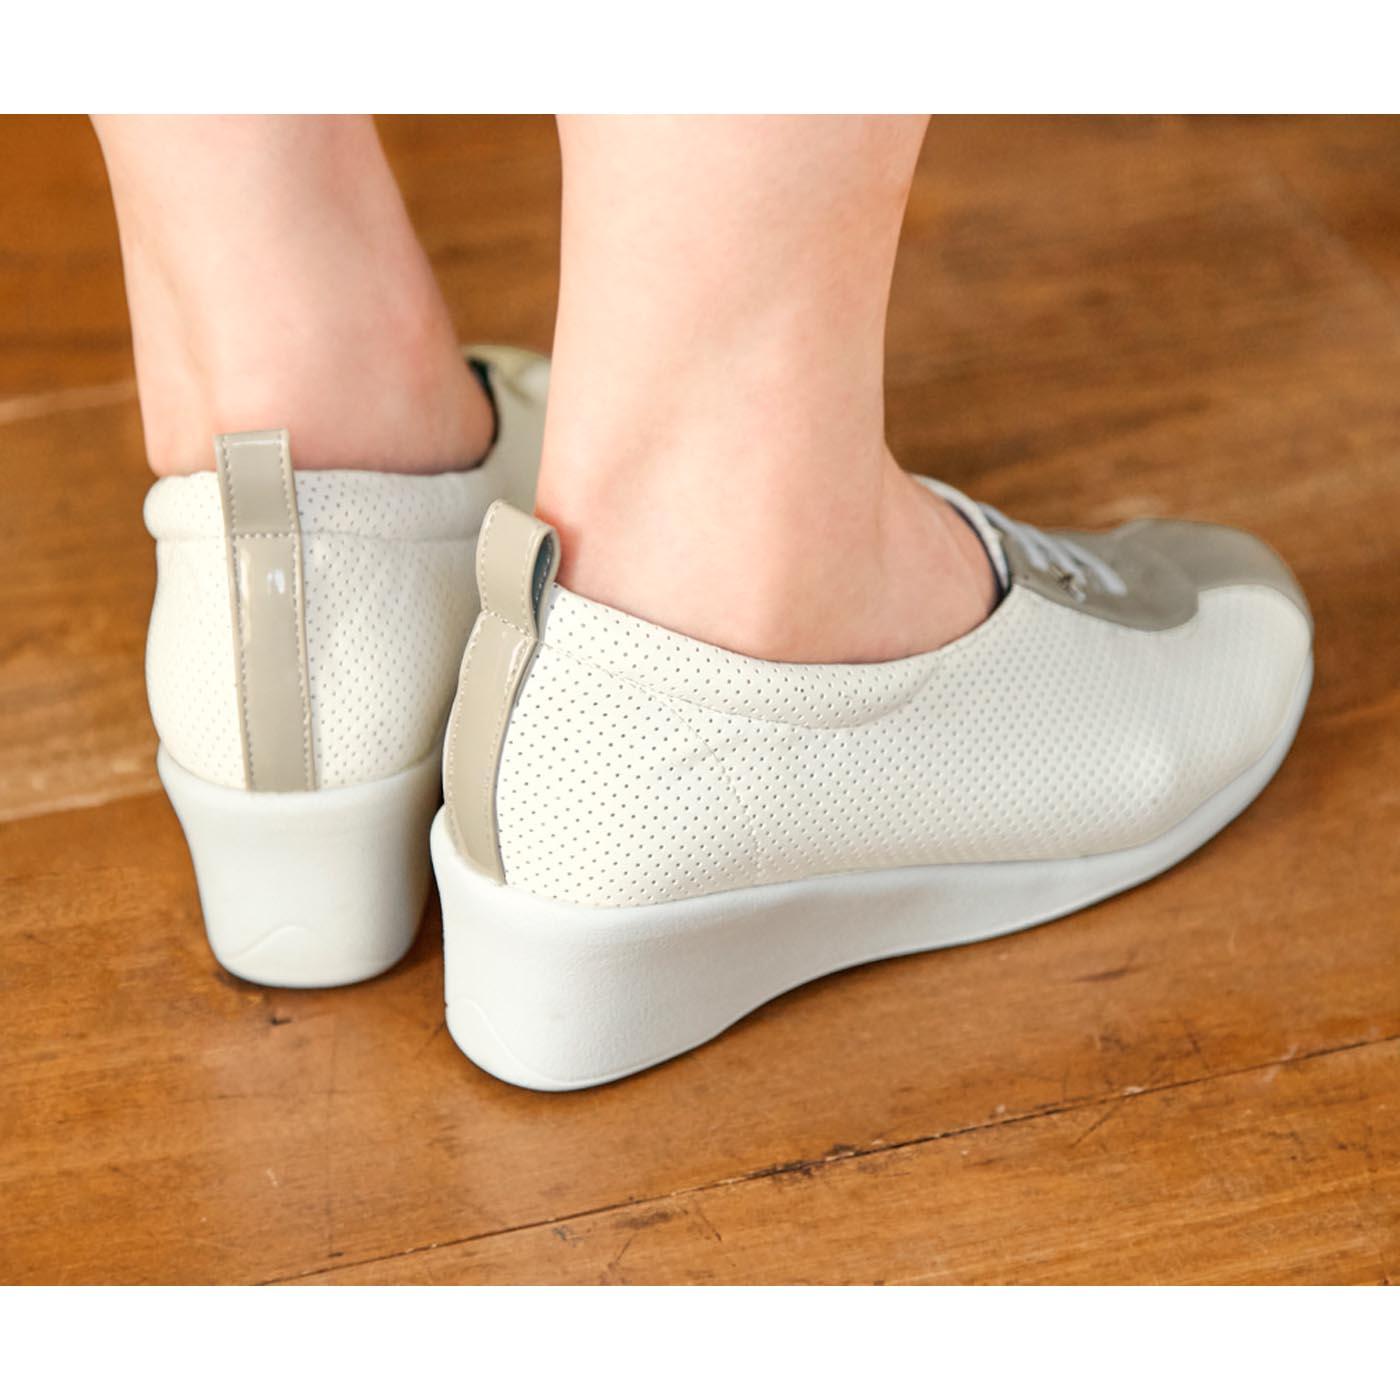 [ブラック・ホワイト共通]軽量ヒールで、カジュアルな装いの日もすらりとスタイルアップ。脚長効果も◎。